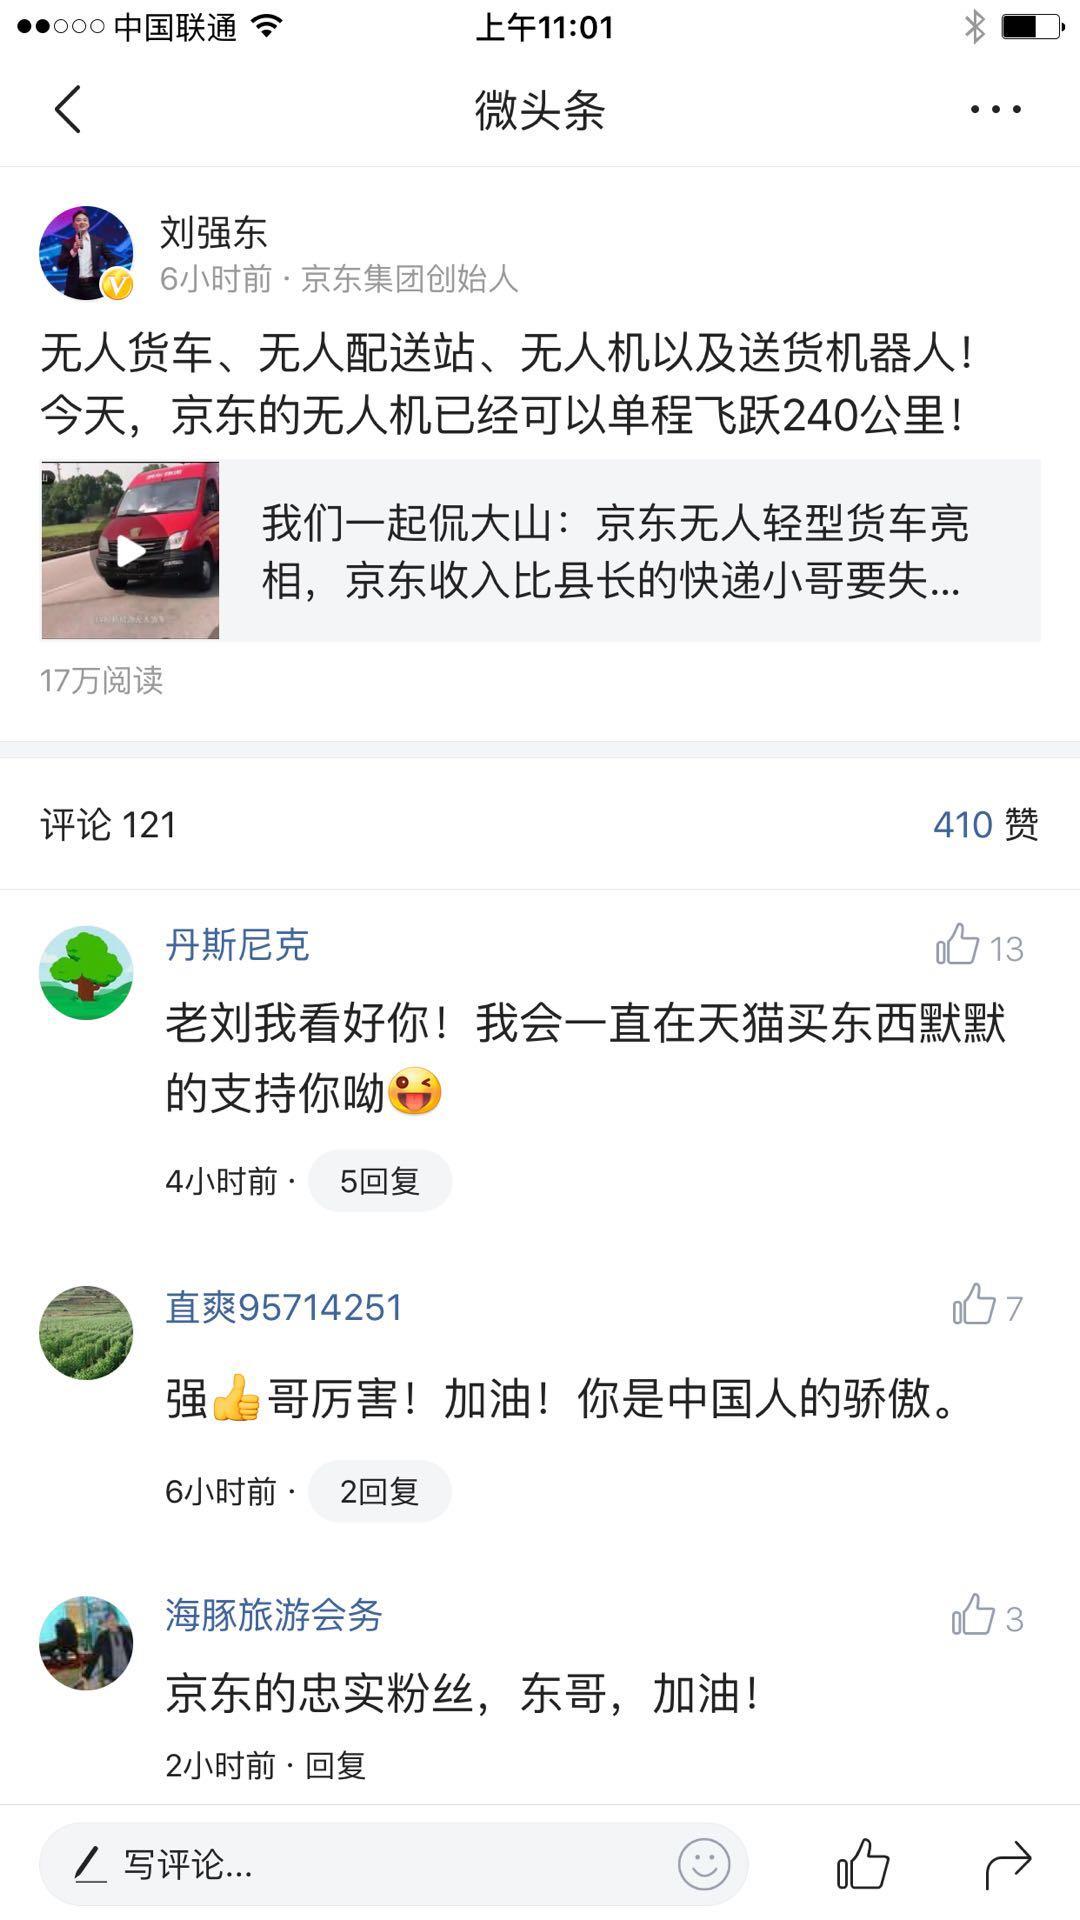 刘强东:京东无人机单程可飞240公里